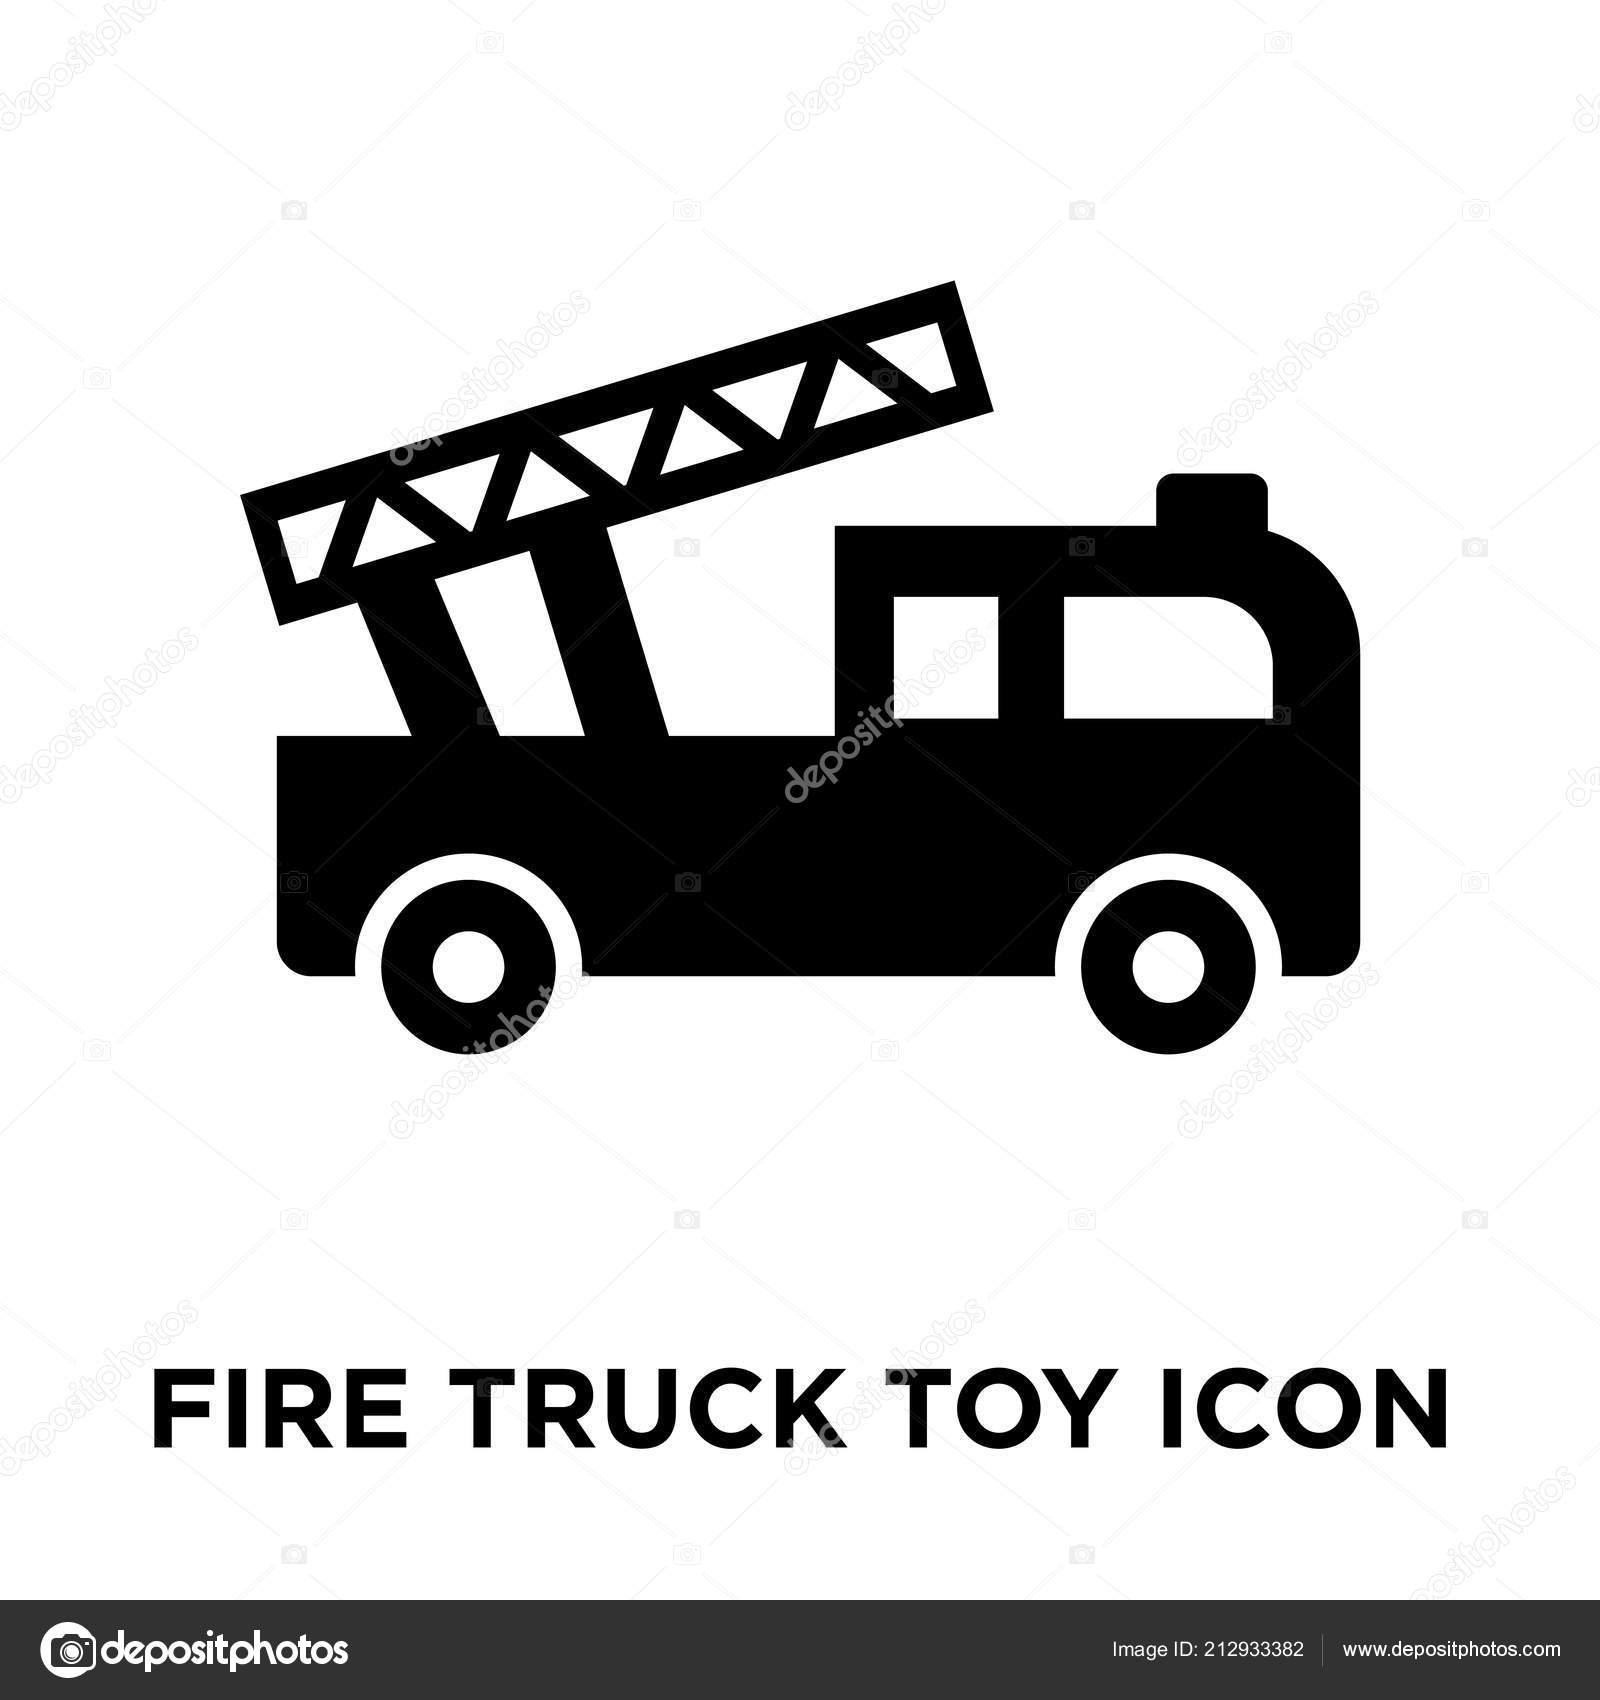 Aislado Fondo Incendio Camión Icono Blanco Vector Juguete Sobre WIYH2ED9